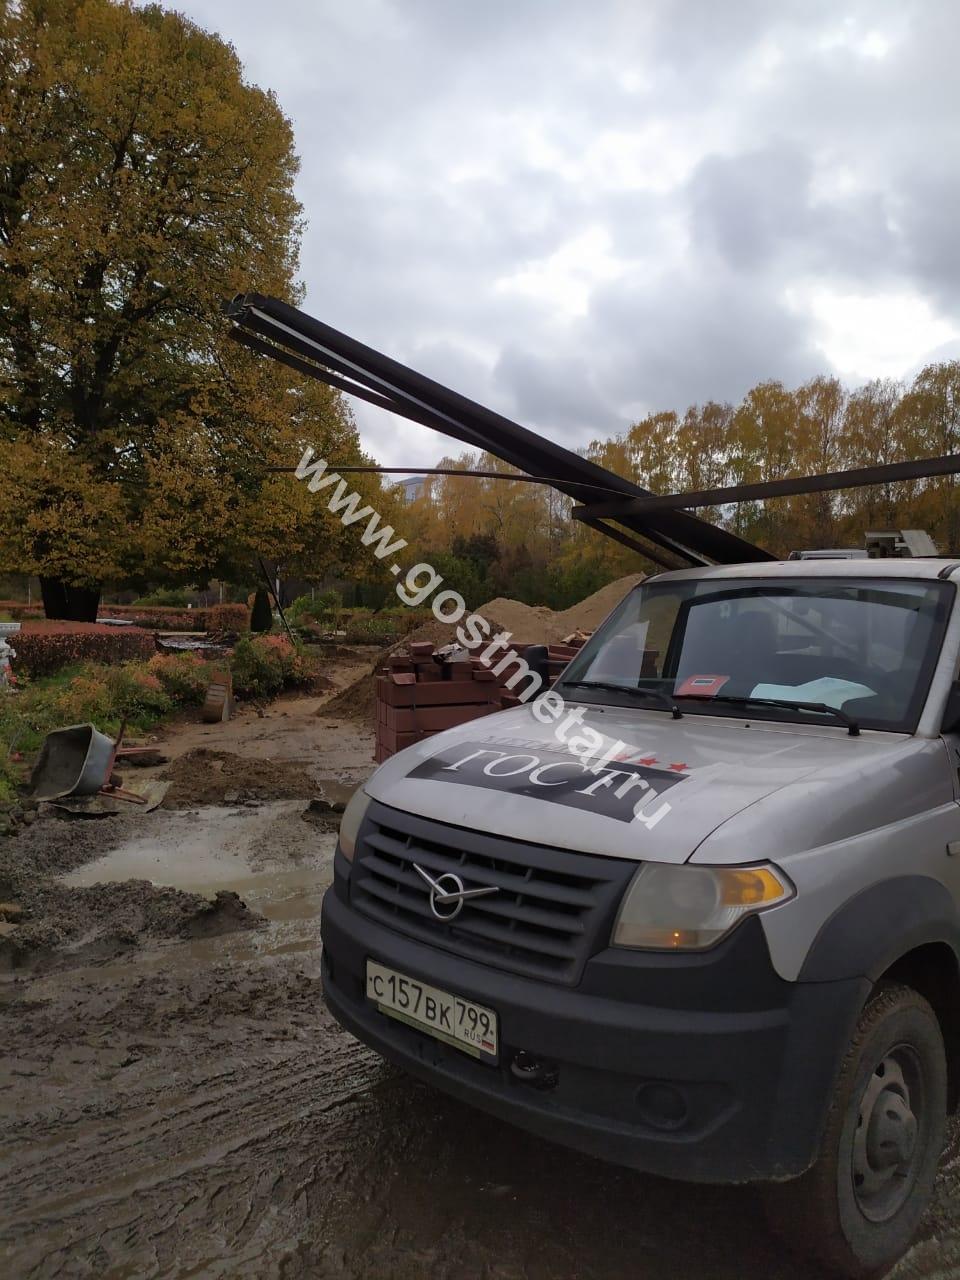 Профильные уголки для ремонта сквера на юге Москвы